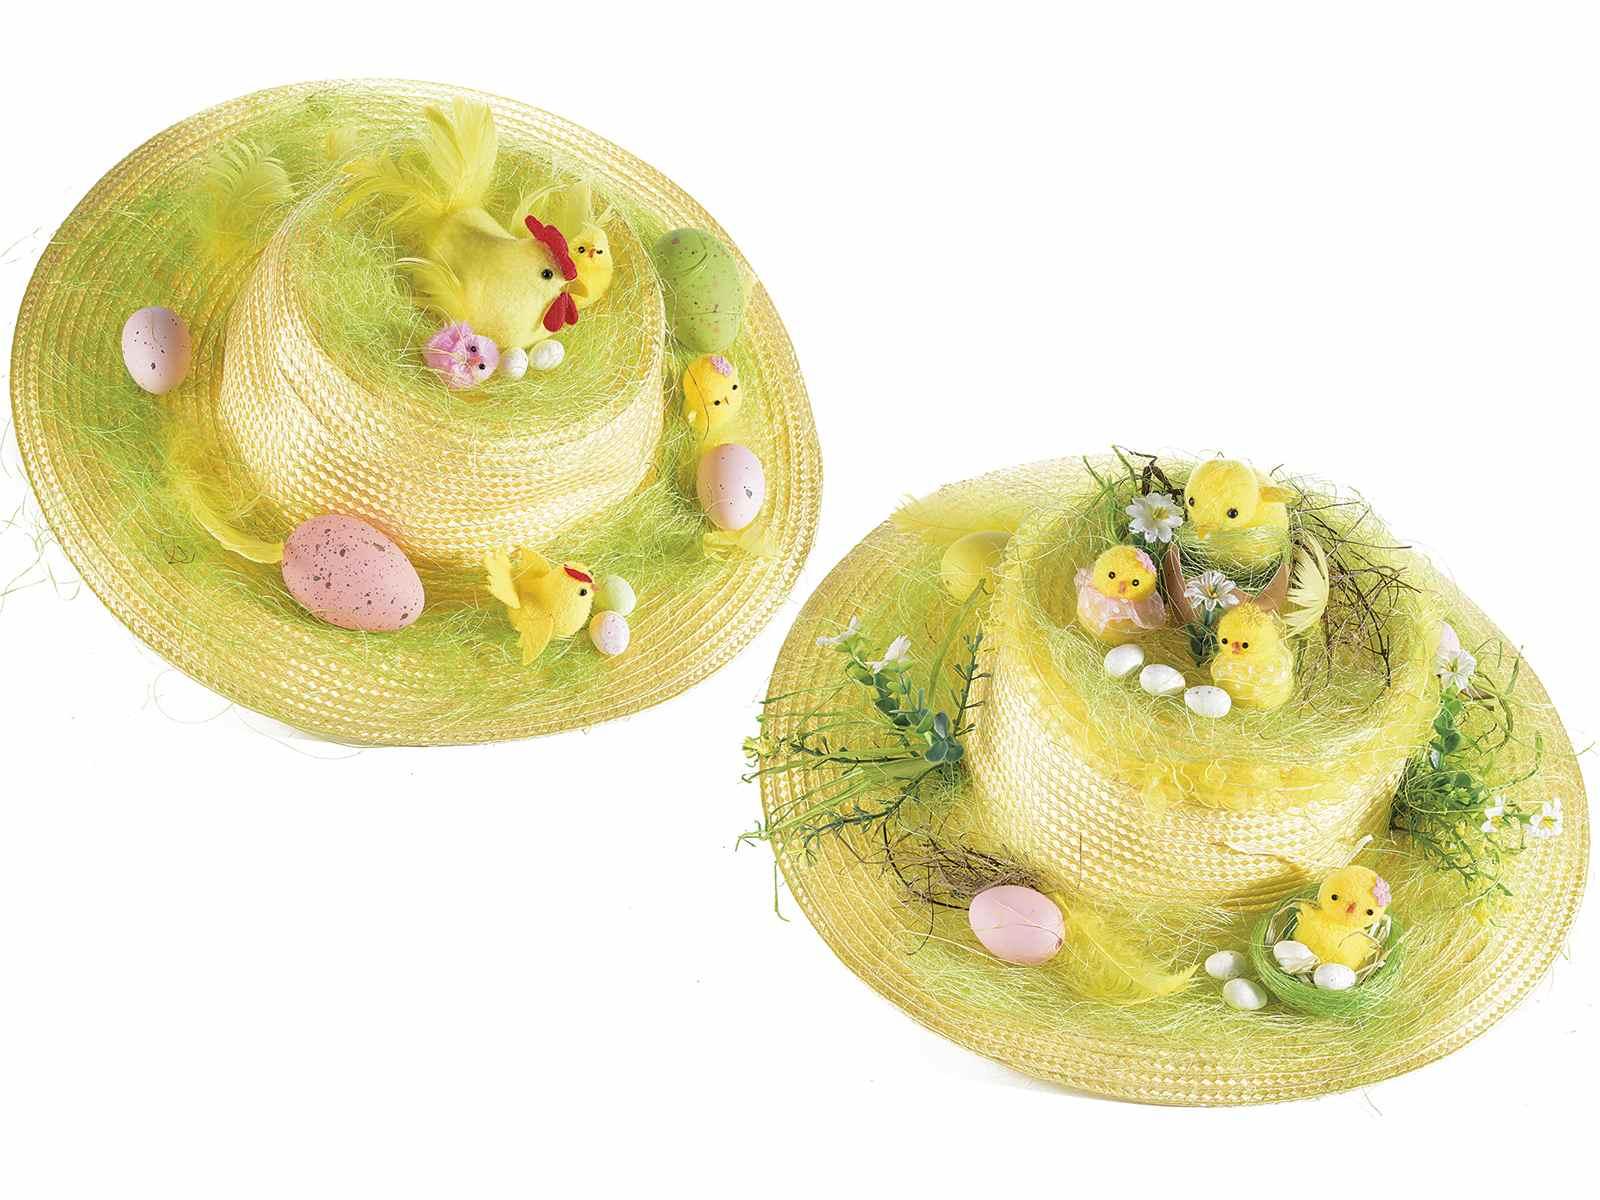 Sombrero de paja con decoraciones de Pascua (58.05.22) - Art From Italy 97d58696cf9